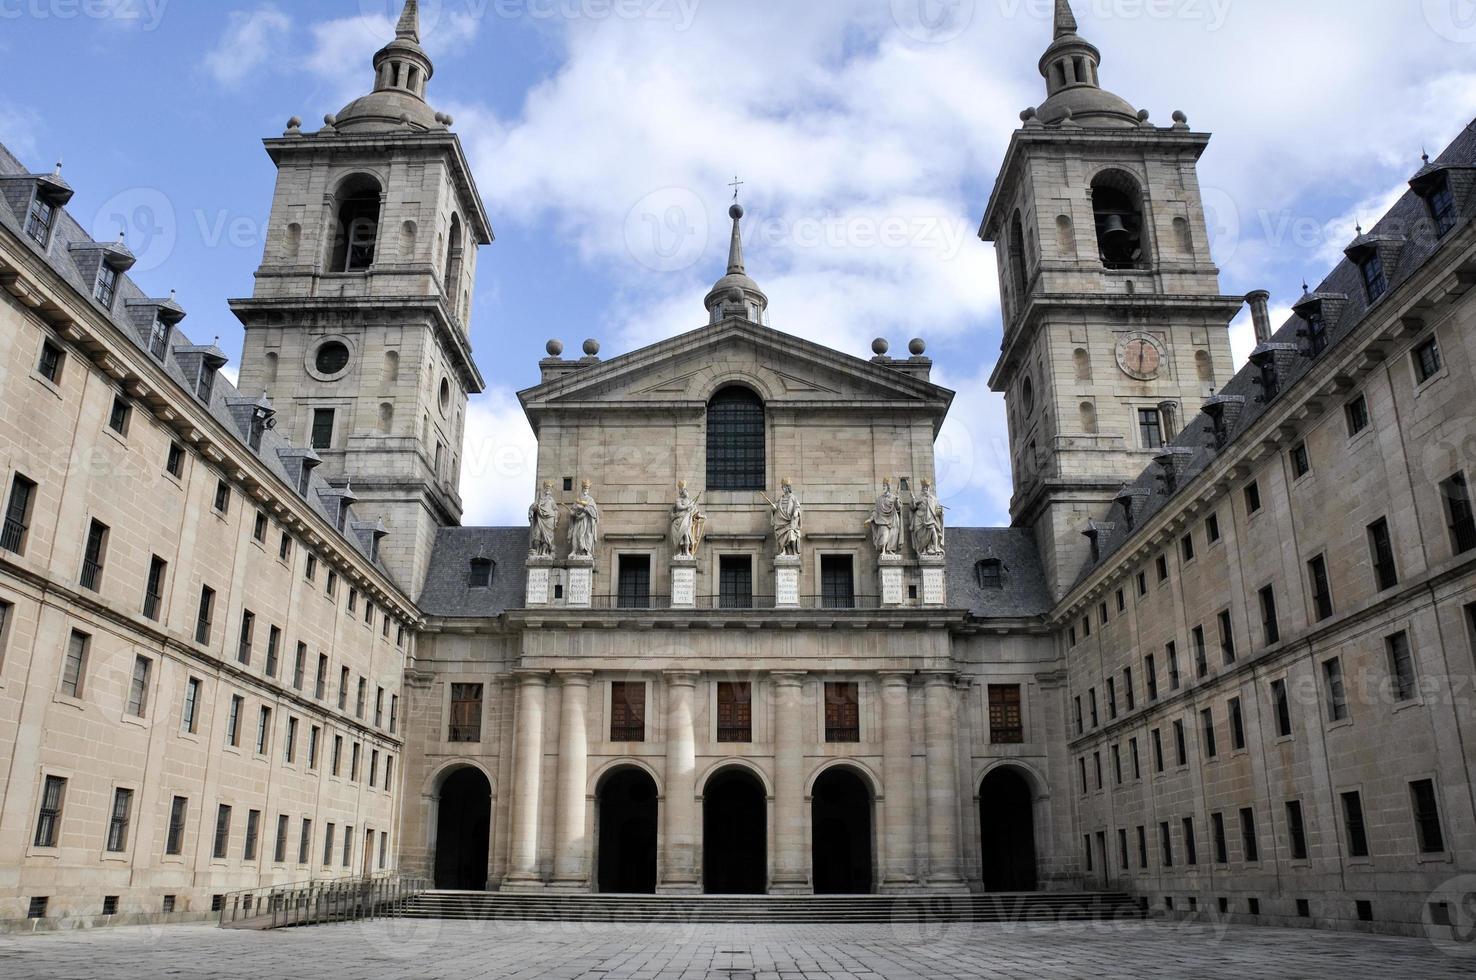 mosteiro real de san lorenzo de el escorial, madrid (espanha) foto